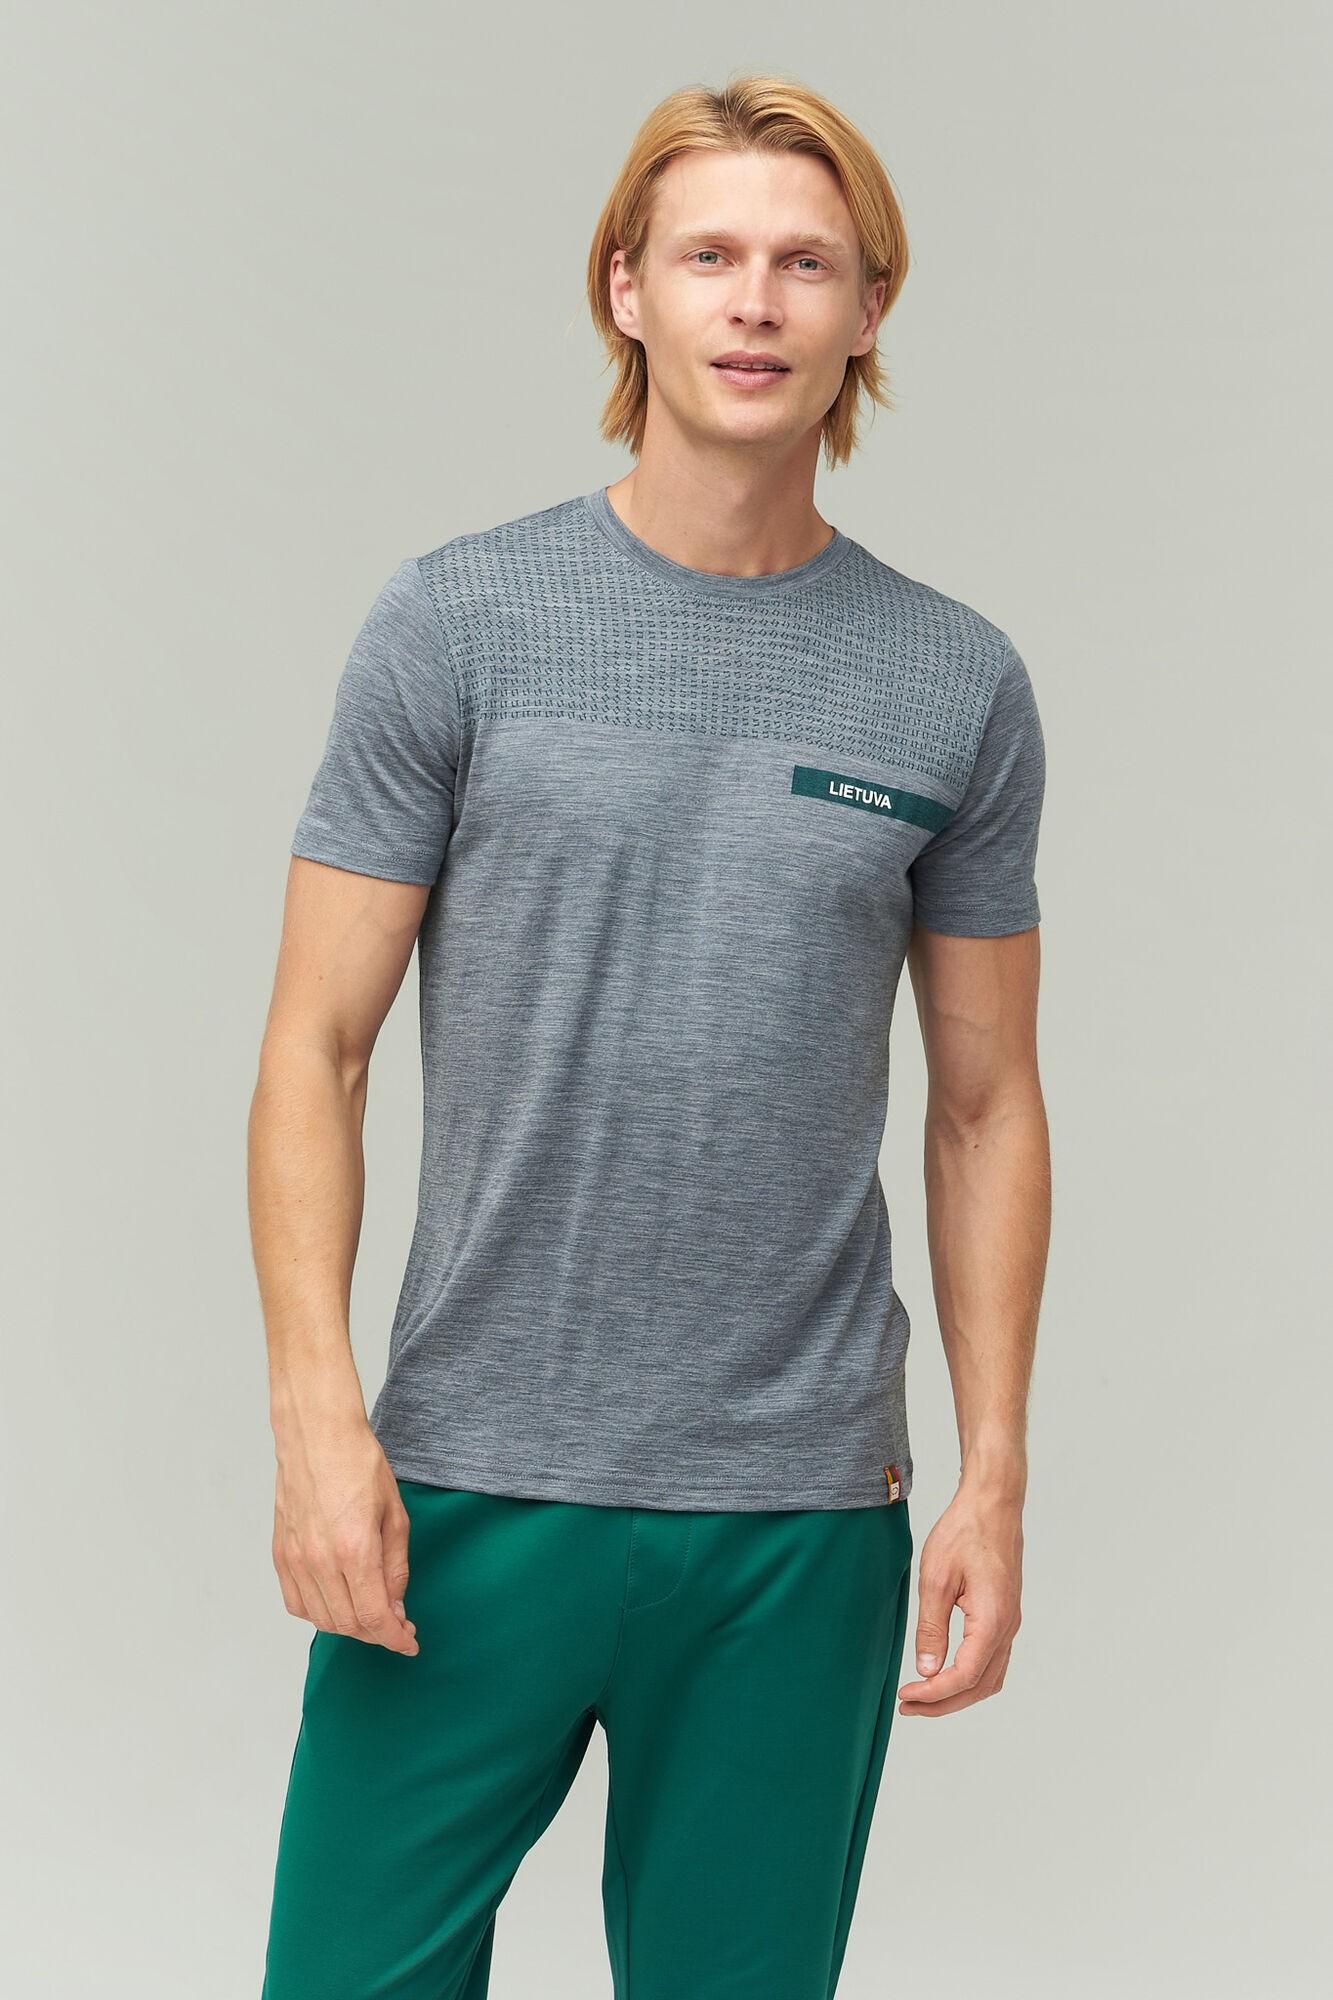 AUDIMAS Plonos merino vilnos marškinėliai 2021-534 Mid Grey Mel Pr Lt S